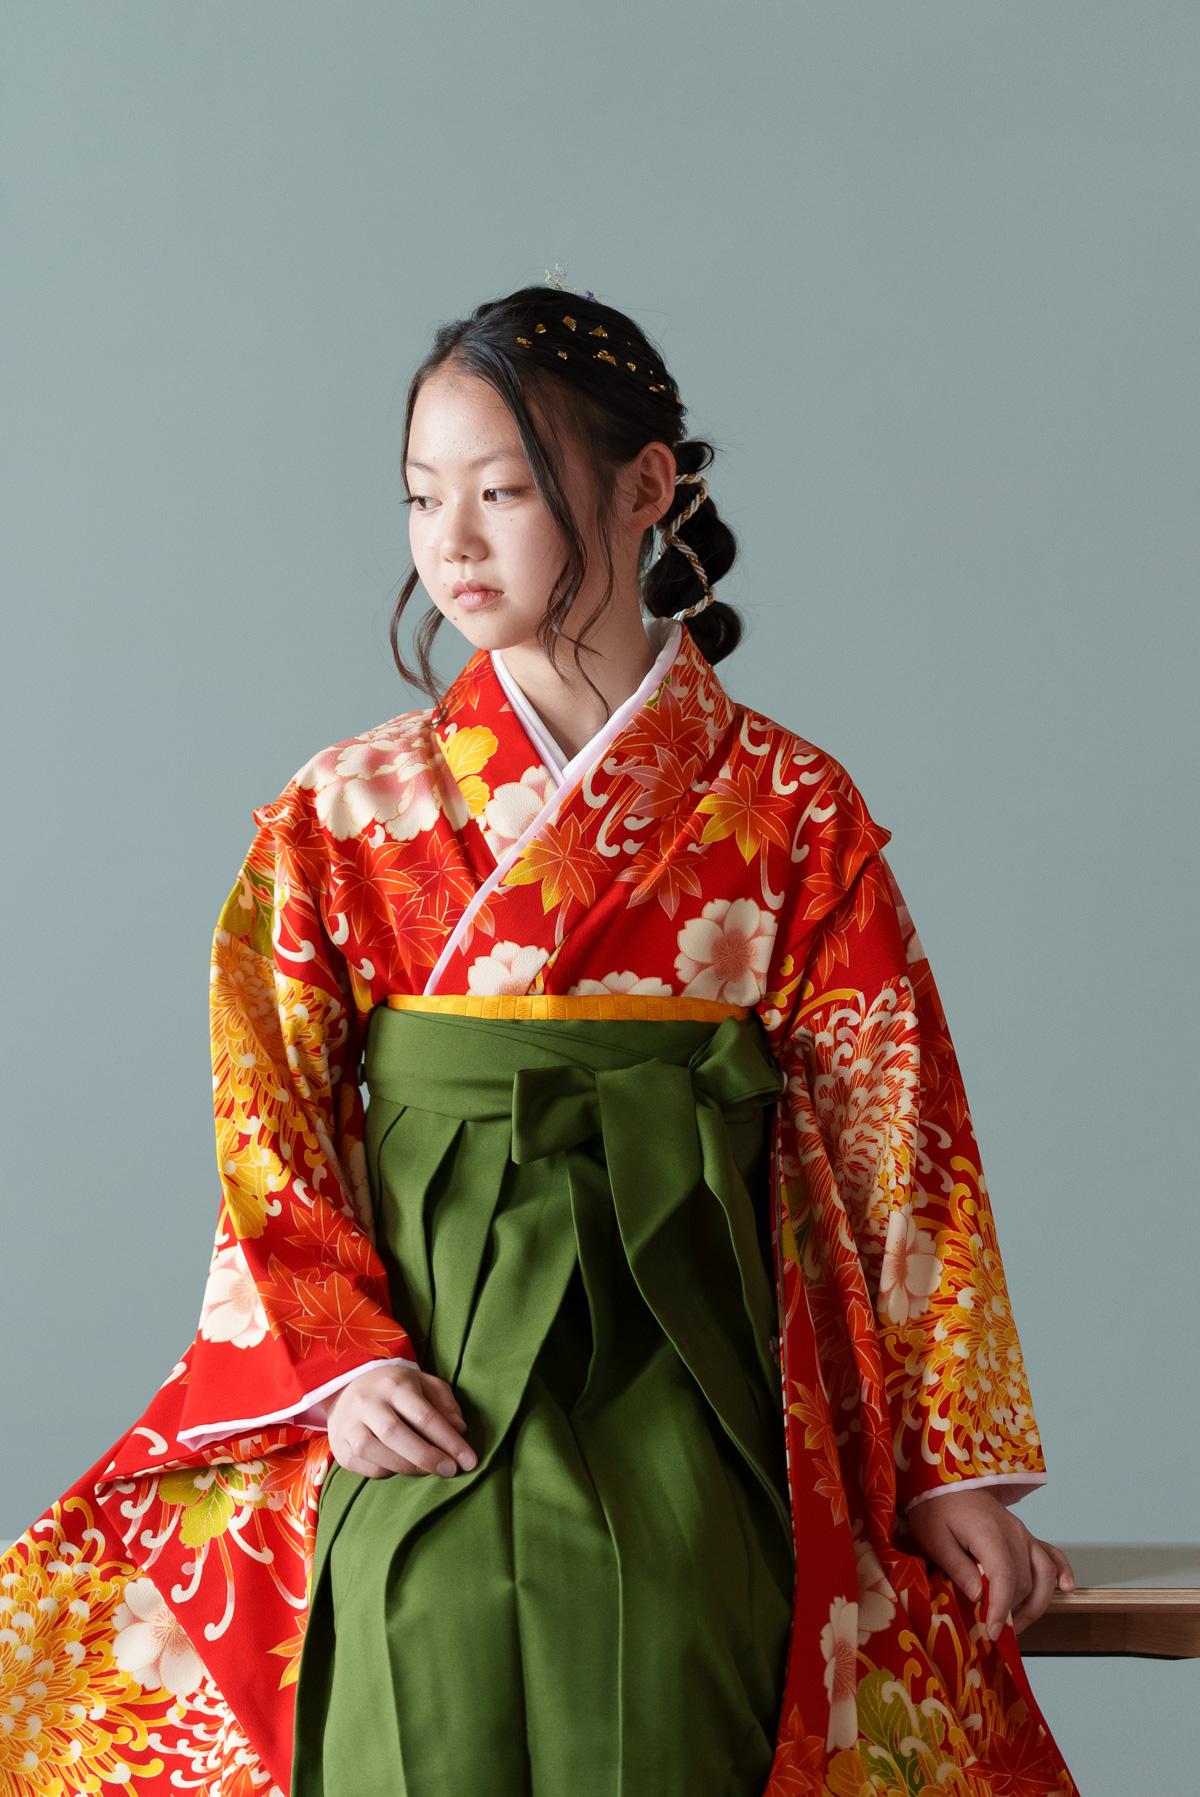 広島のフォトスタジオ「記念写真館SUNNY」ハーフ成人式写真